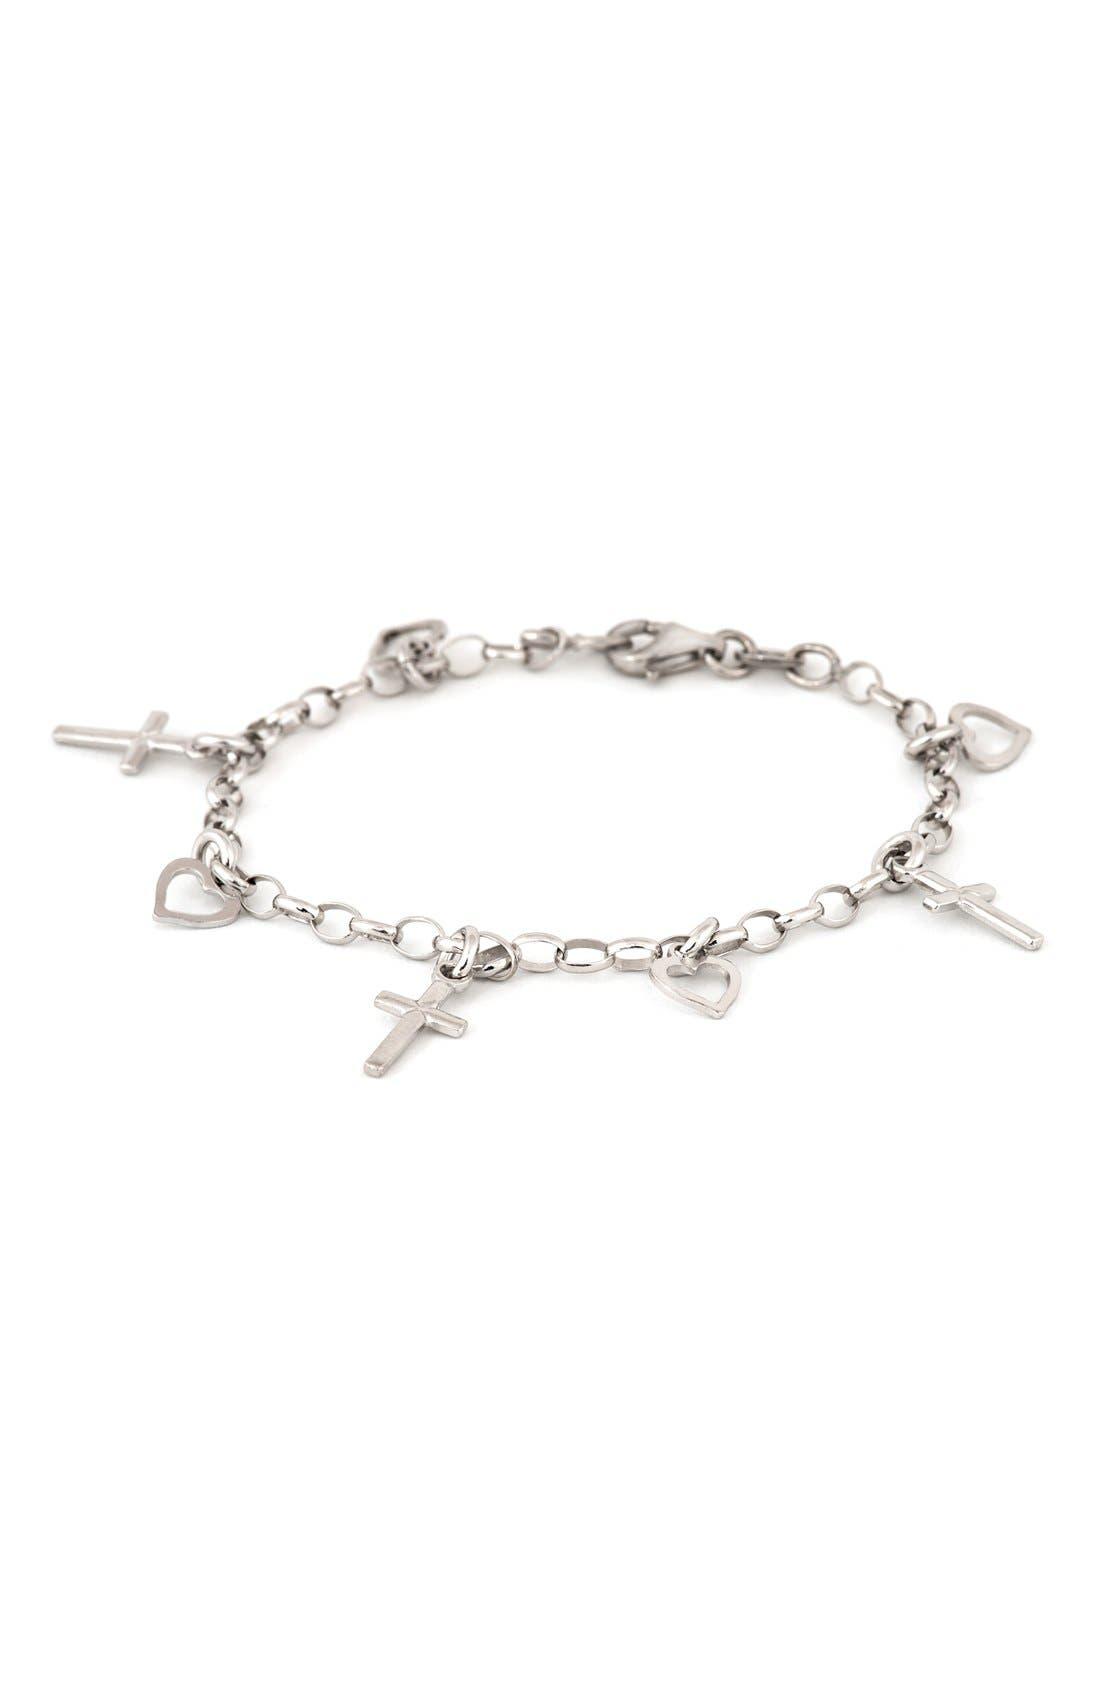 Alternate Image 1 Selected - Speidel Cross & Heart Sterling Silver Charm Bracelet (Girls)